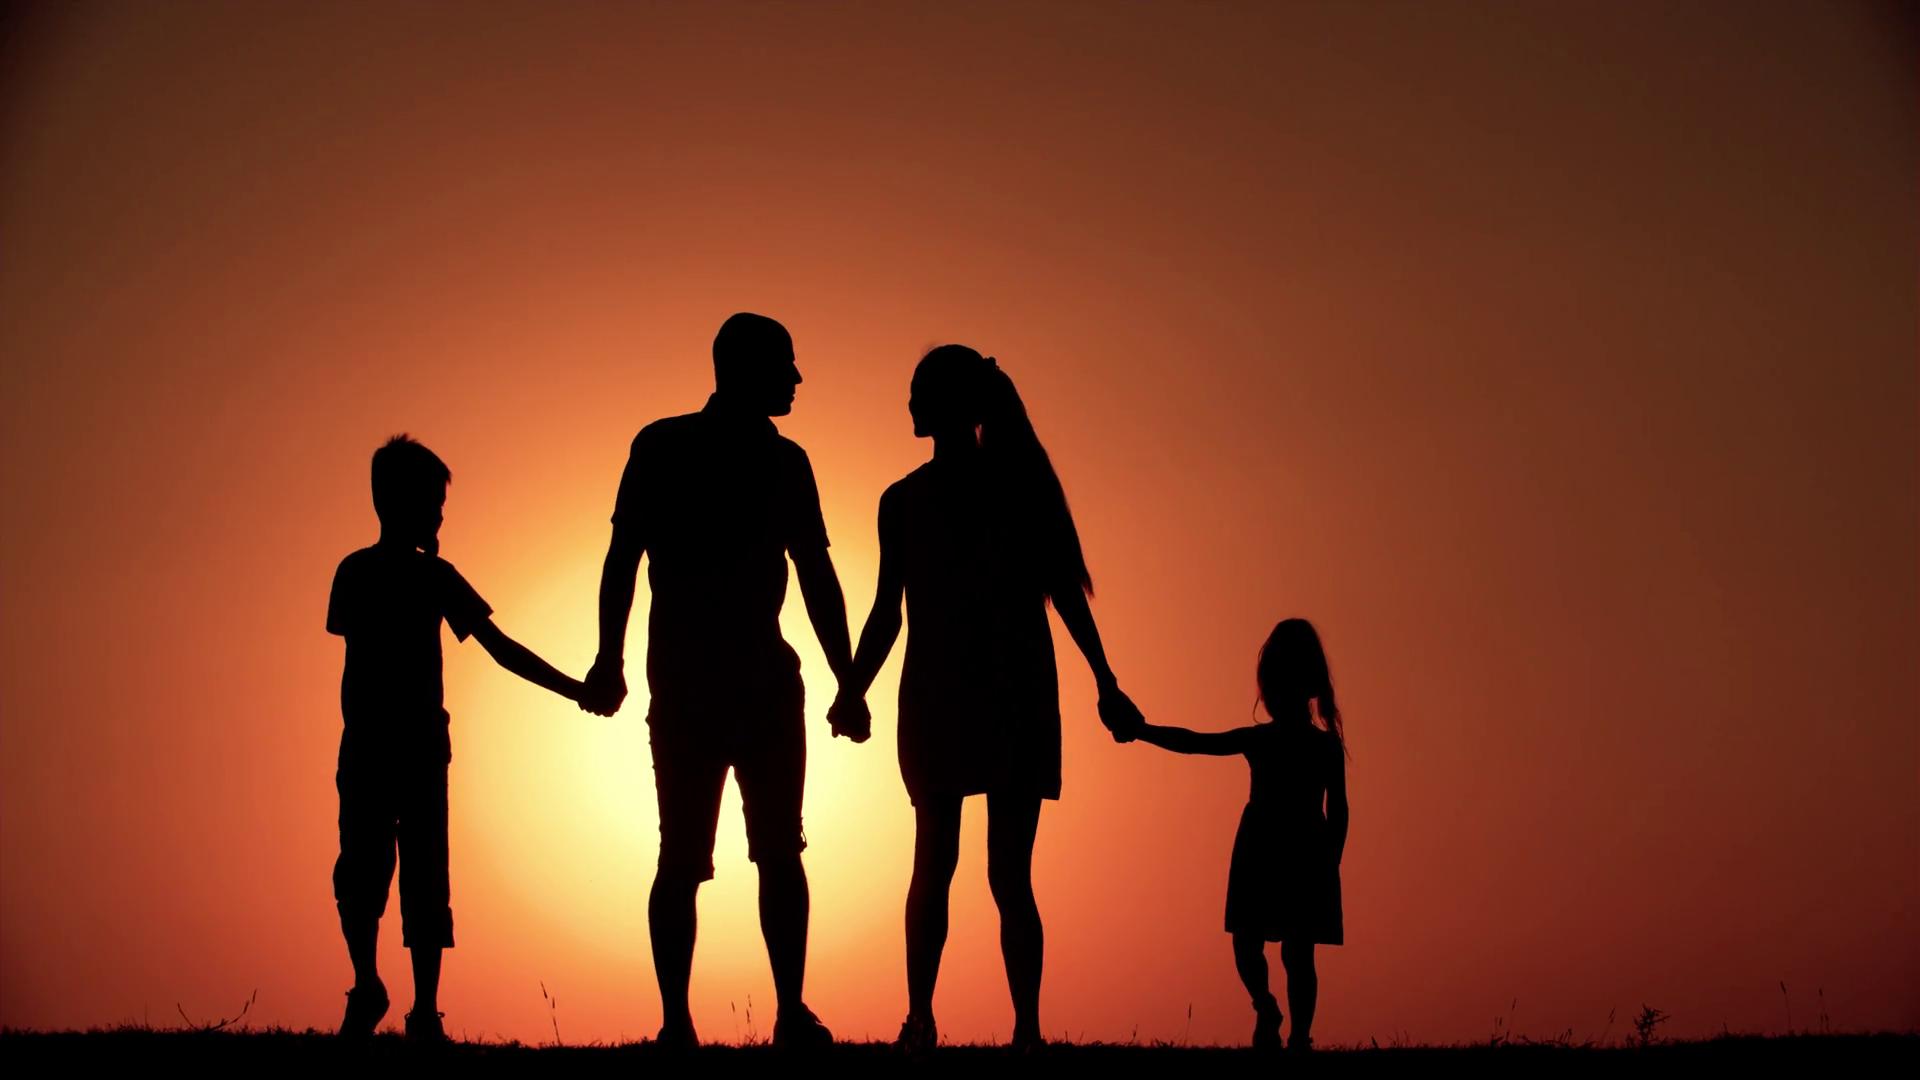 ... tình yêu thương gia đình. Chỉ cần những thao tác rất đơn giản, bạn đã có thể sở hữu toàn bộ những bức ảnh tuyệt vời trong bộ sưu tập rồi đấy.